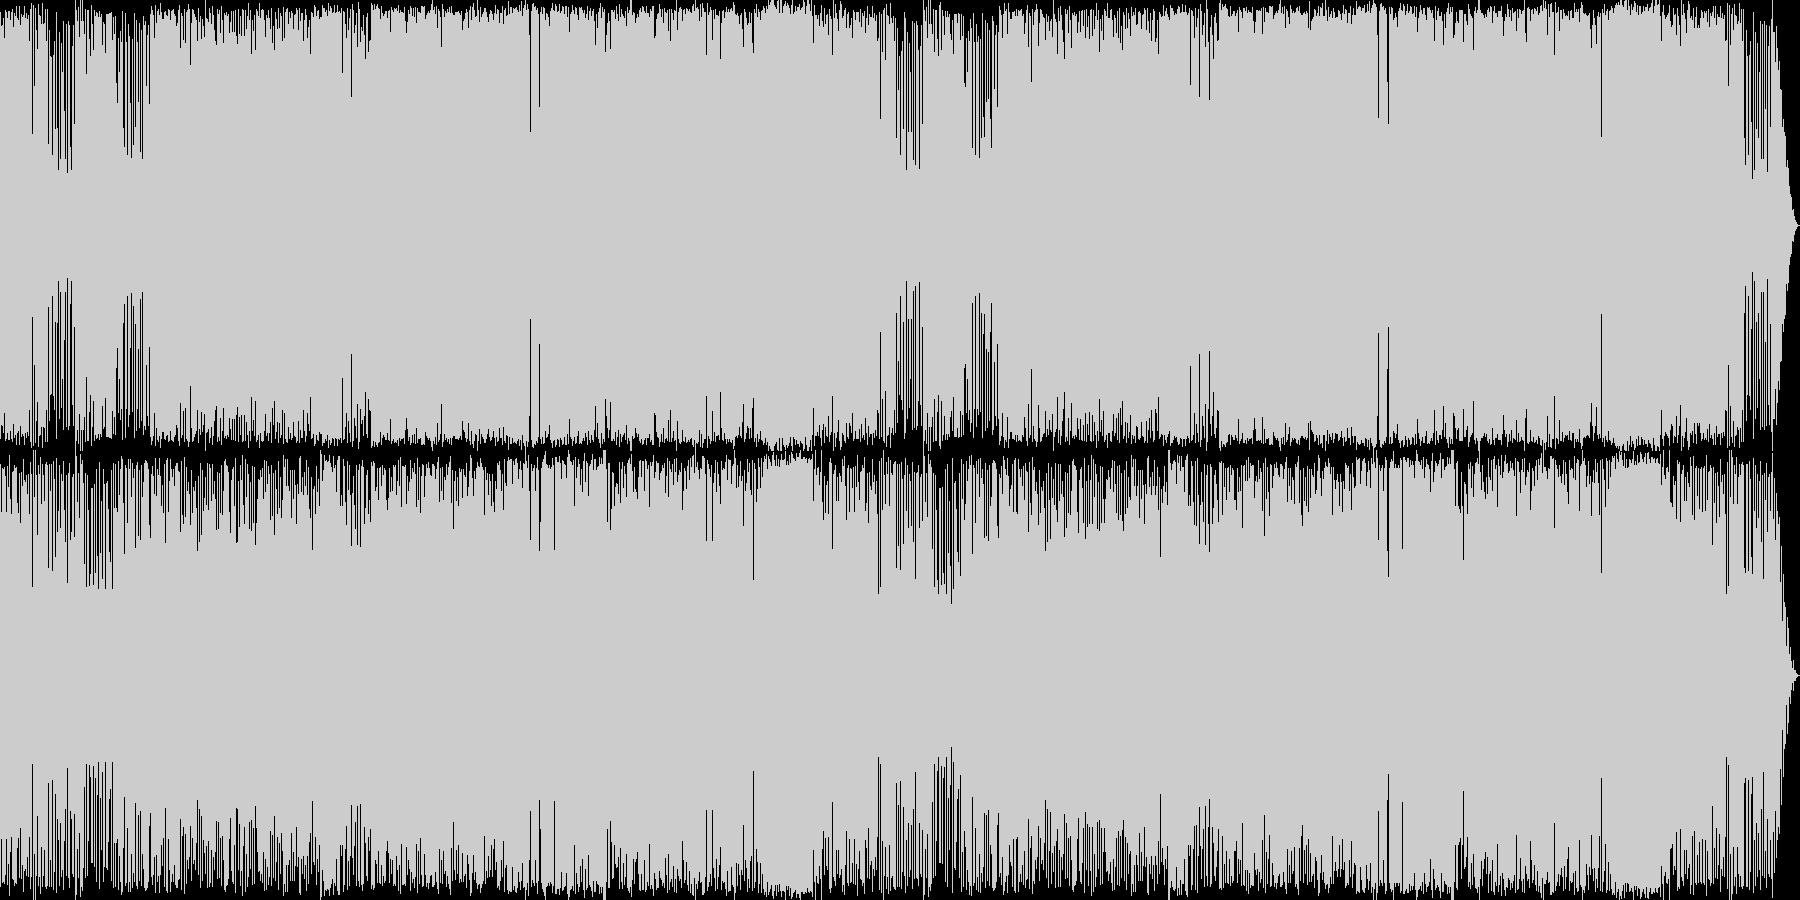 ギター&オルガンの激しい曲 戦いの場面にの未再生の波形